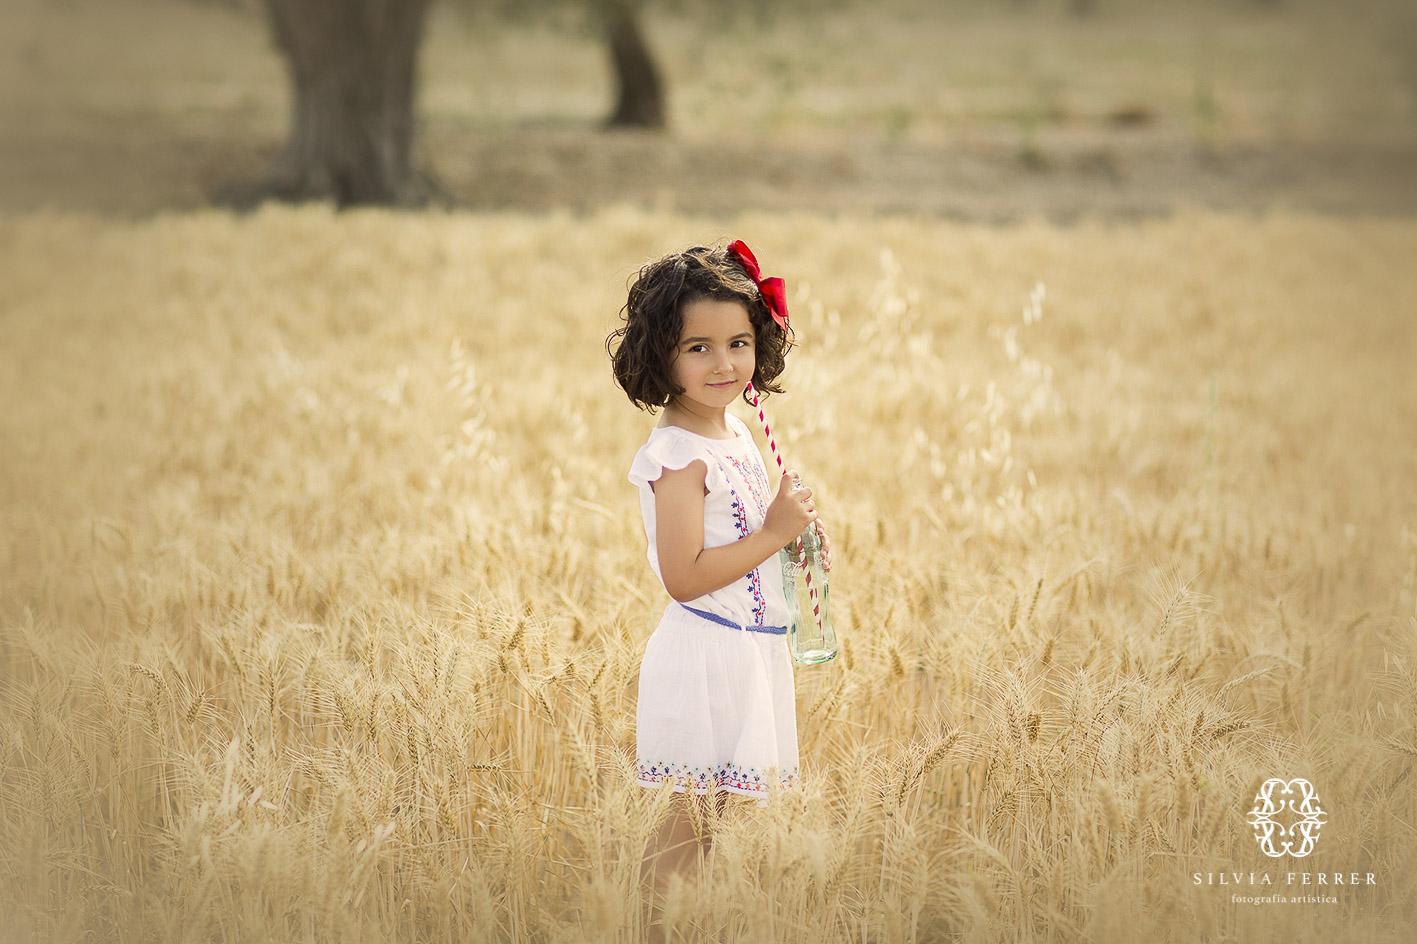 sesion fotos picnic exteriores campo infantil para niñas